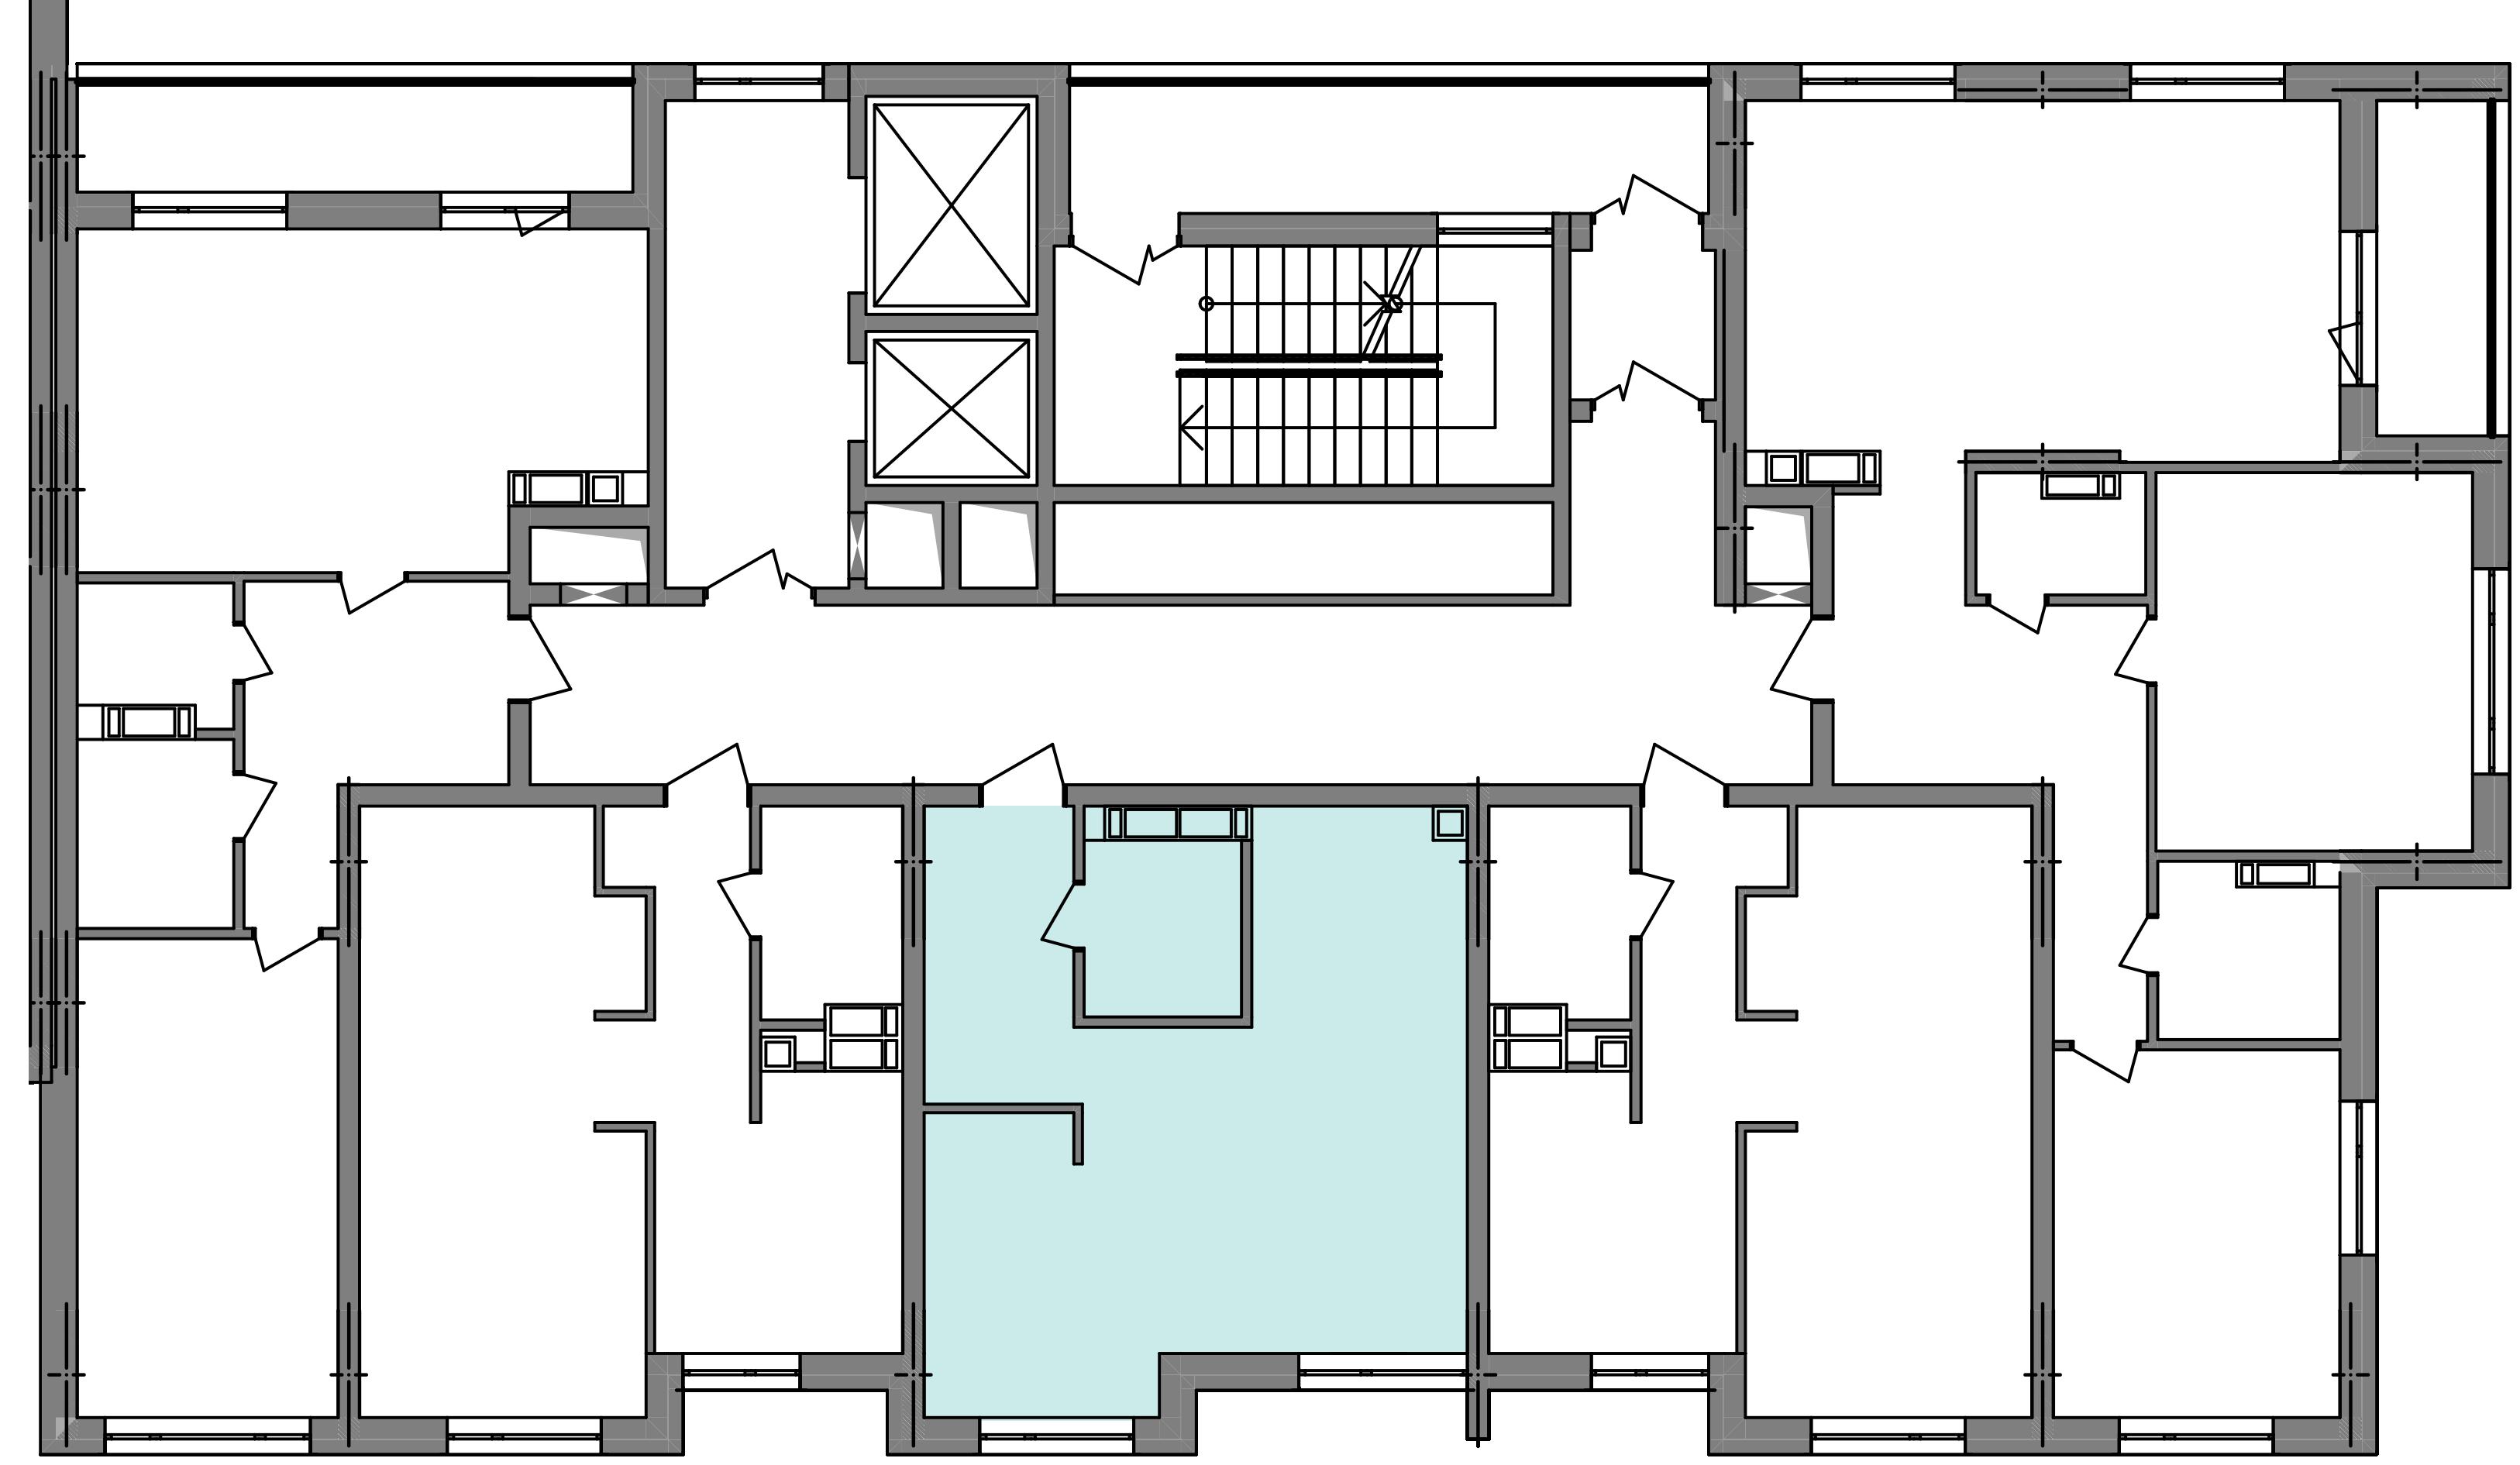 Однокомнатная квартира 39,71 кв.м., тип 1.2, дом 3 секция5 расположение на этаже